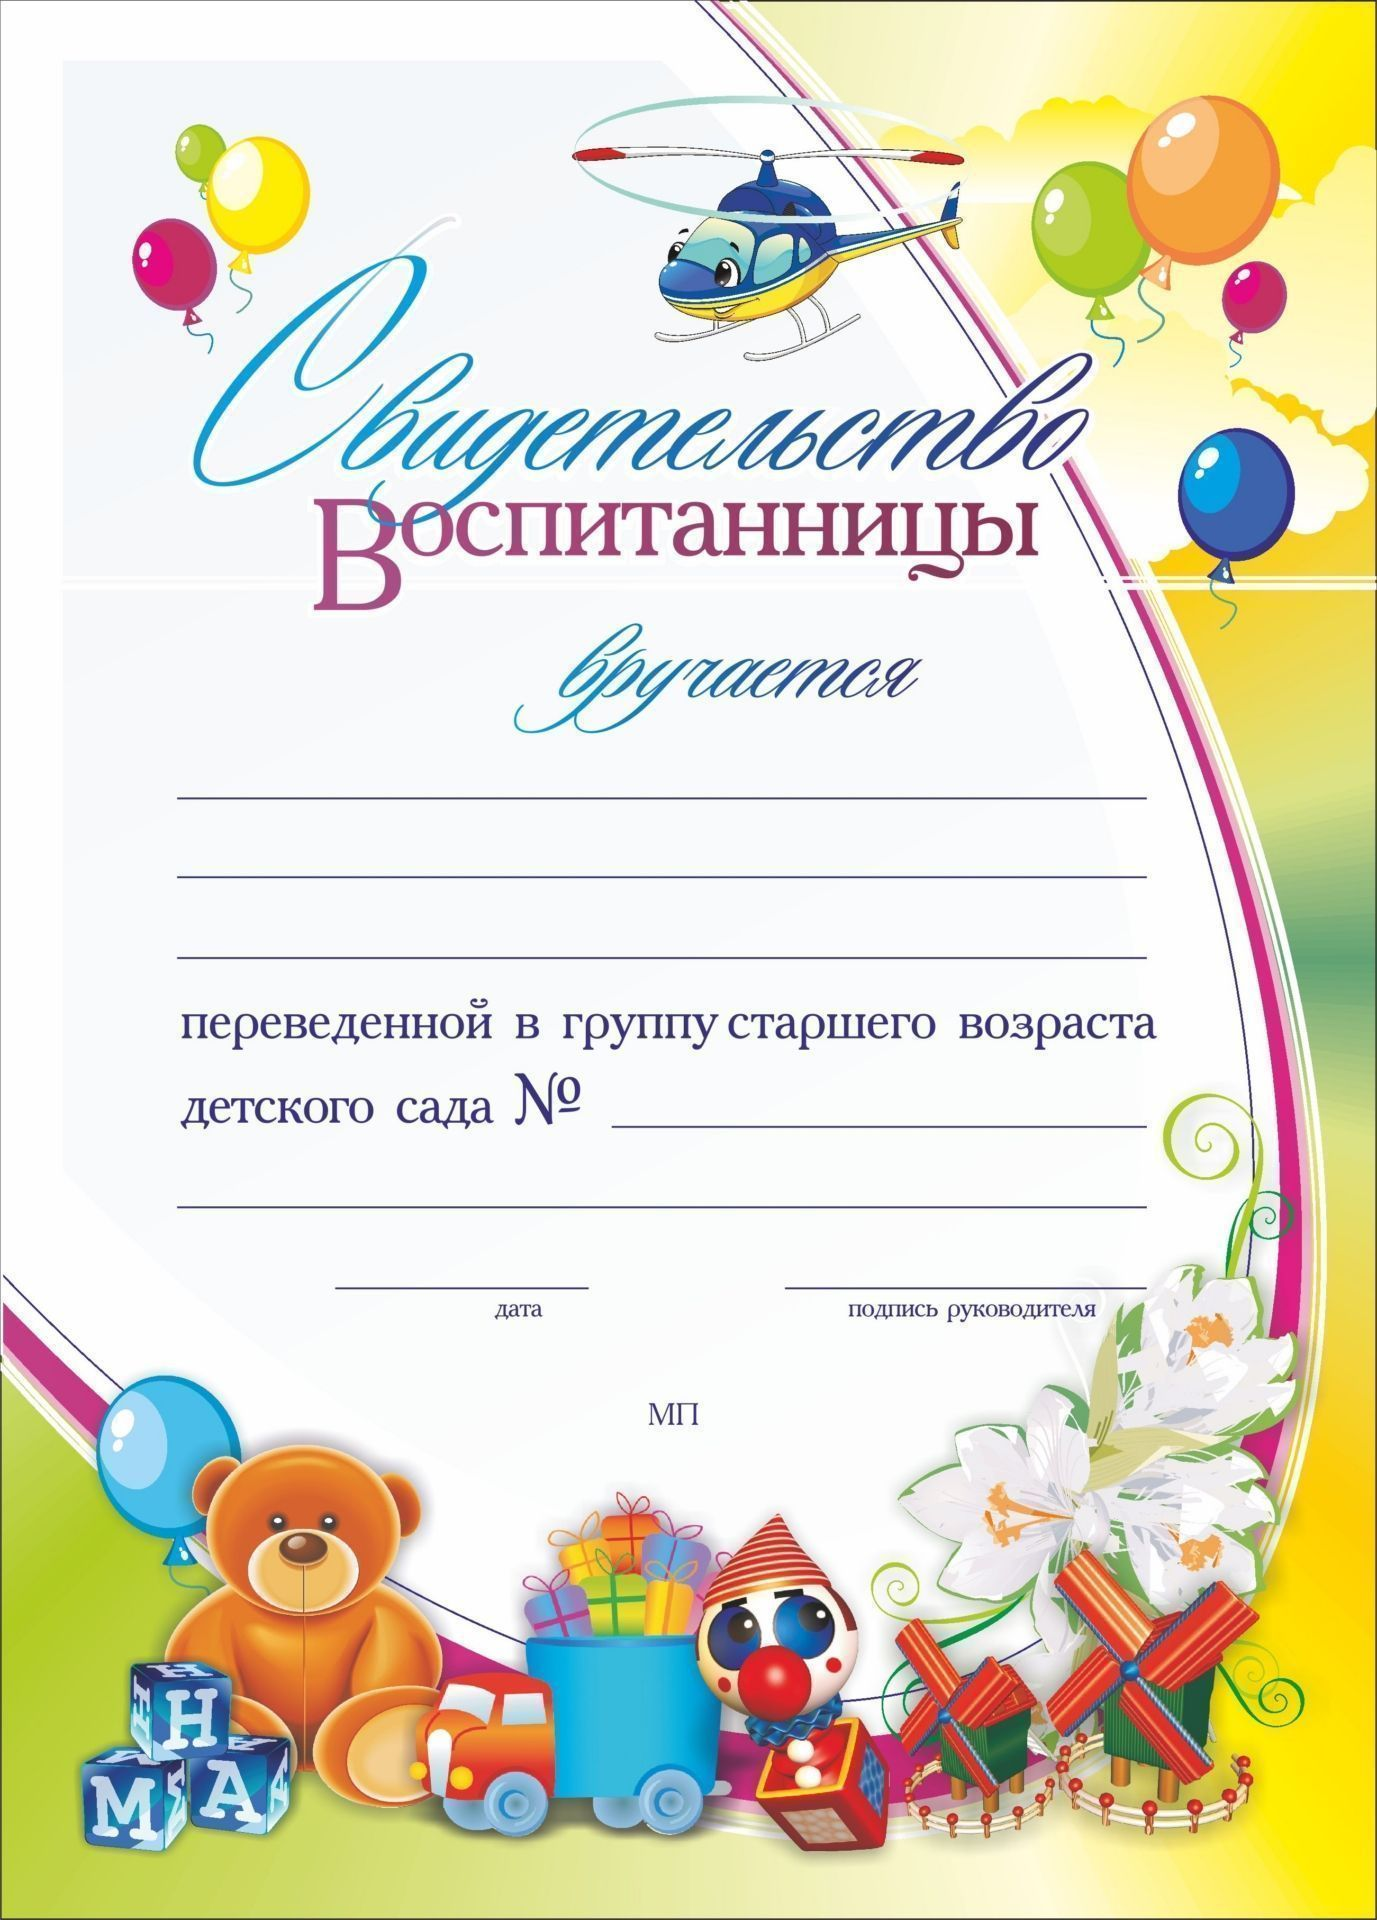 Свидетельство воспитанницы, переведенной в группу старшего возраста детского сада: Формат А4, бумага мелованная матовая пл.250